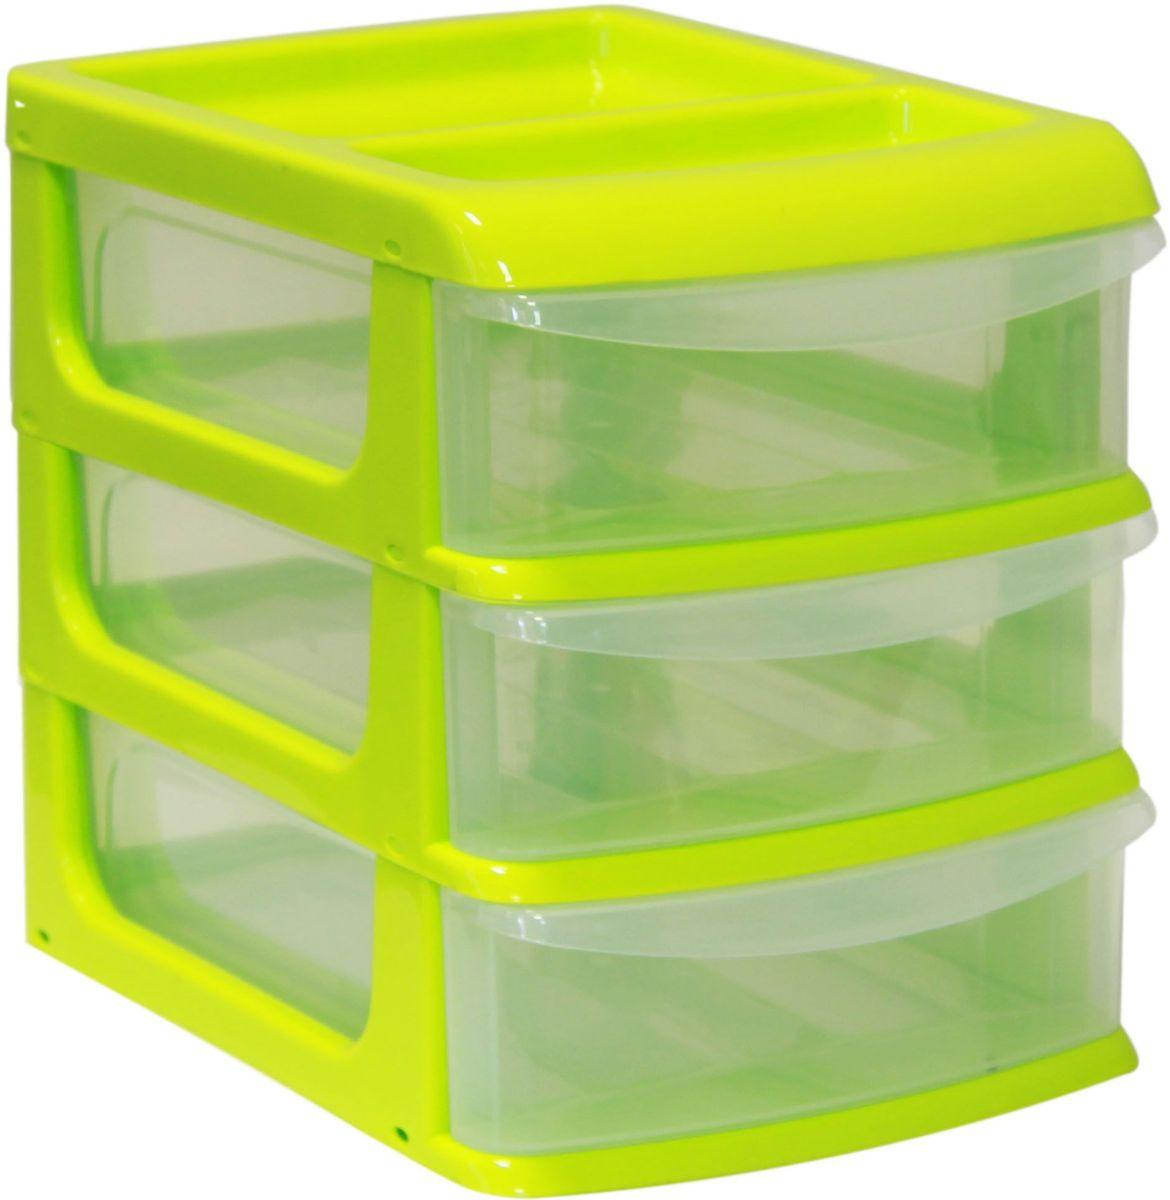 Бокс универсальный Idea, цвет: салатовый, прозрачный, 25 х 34 х 28 см, 3 секцииБрелок для ключейУниверсальный бокс Idea выполнен из высококачественного пластика и имеет три удобные выдвижные секции. Бокс предназначен для хранения предметов шитья, рукоделия, хобби и всех необходимых мелочей. Изделие позволит компактно хранить вещи, поддерживая порядок и уют в вашем доме.Размер секции: 25 х 32 х 7 см.